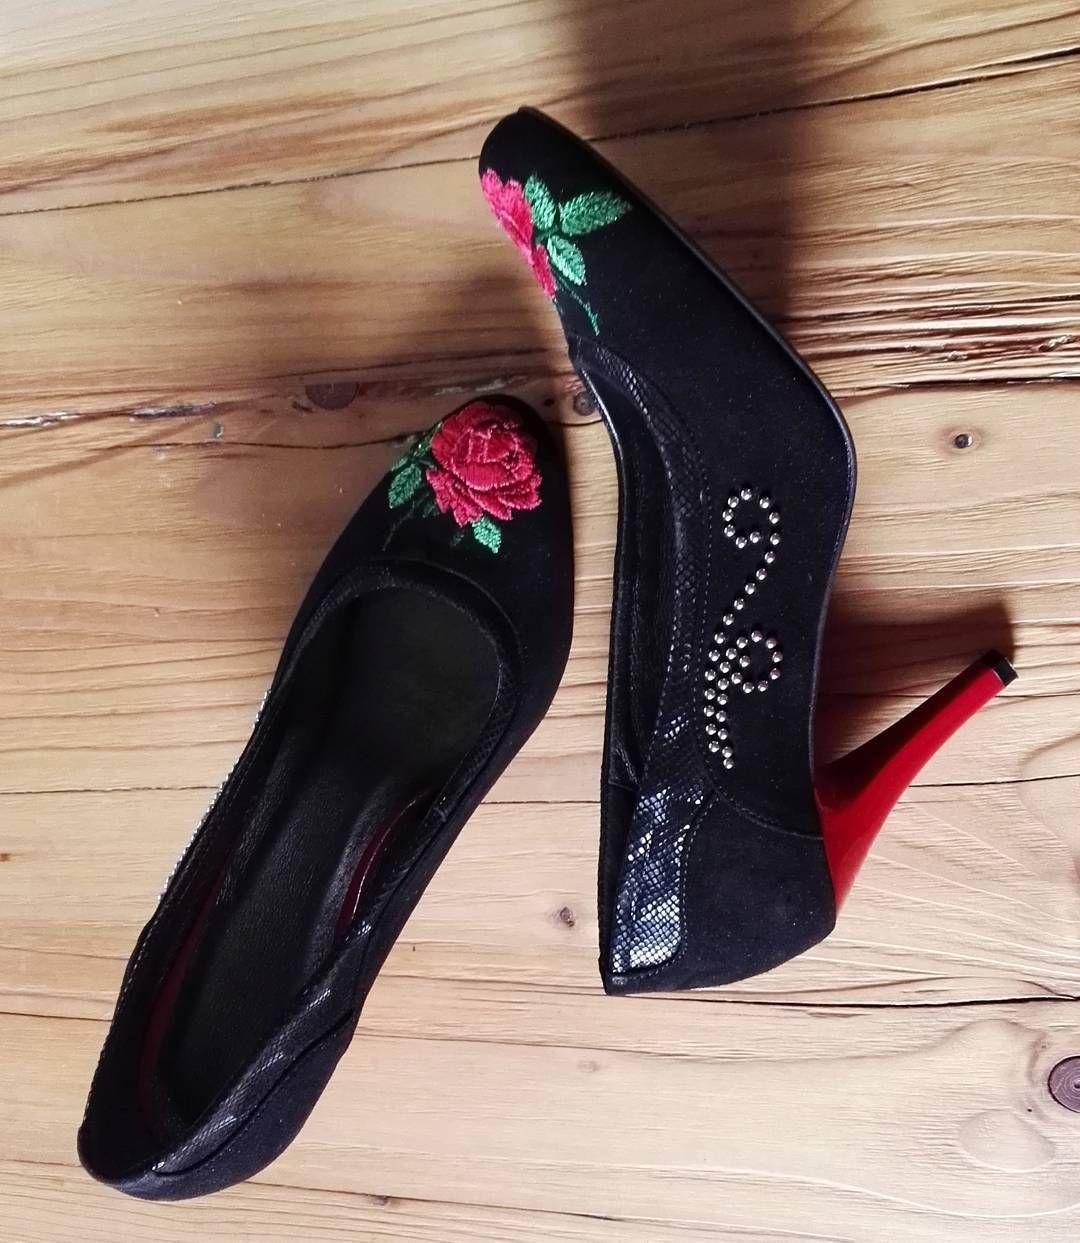 Zakochalam Sie W Tych Szpilkach Szpilki Czerwone Goralka Folk Polishfolkstyle Polishdesign Roze Ludowe Goralskie Haft Kwiaty Wi Heels Pumps Shoes